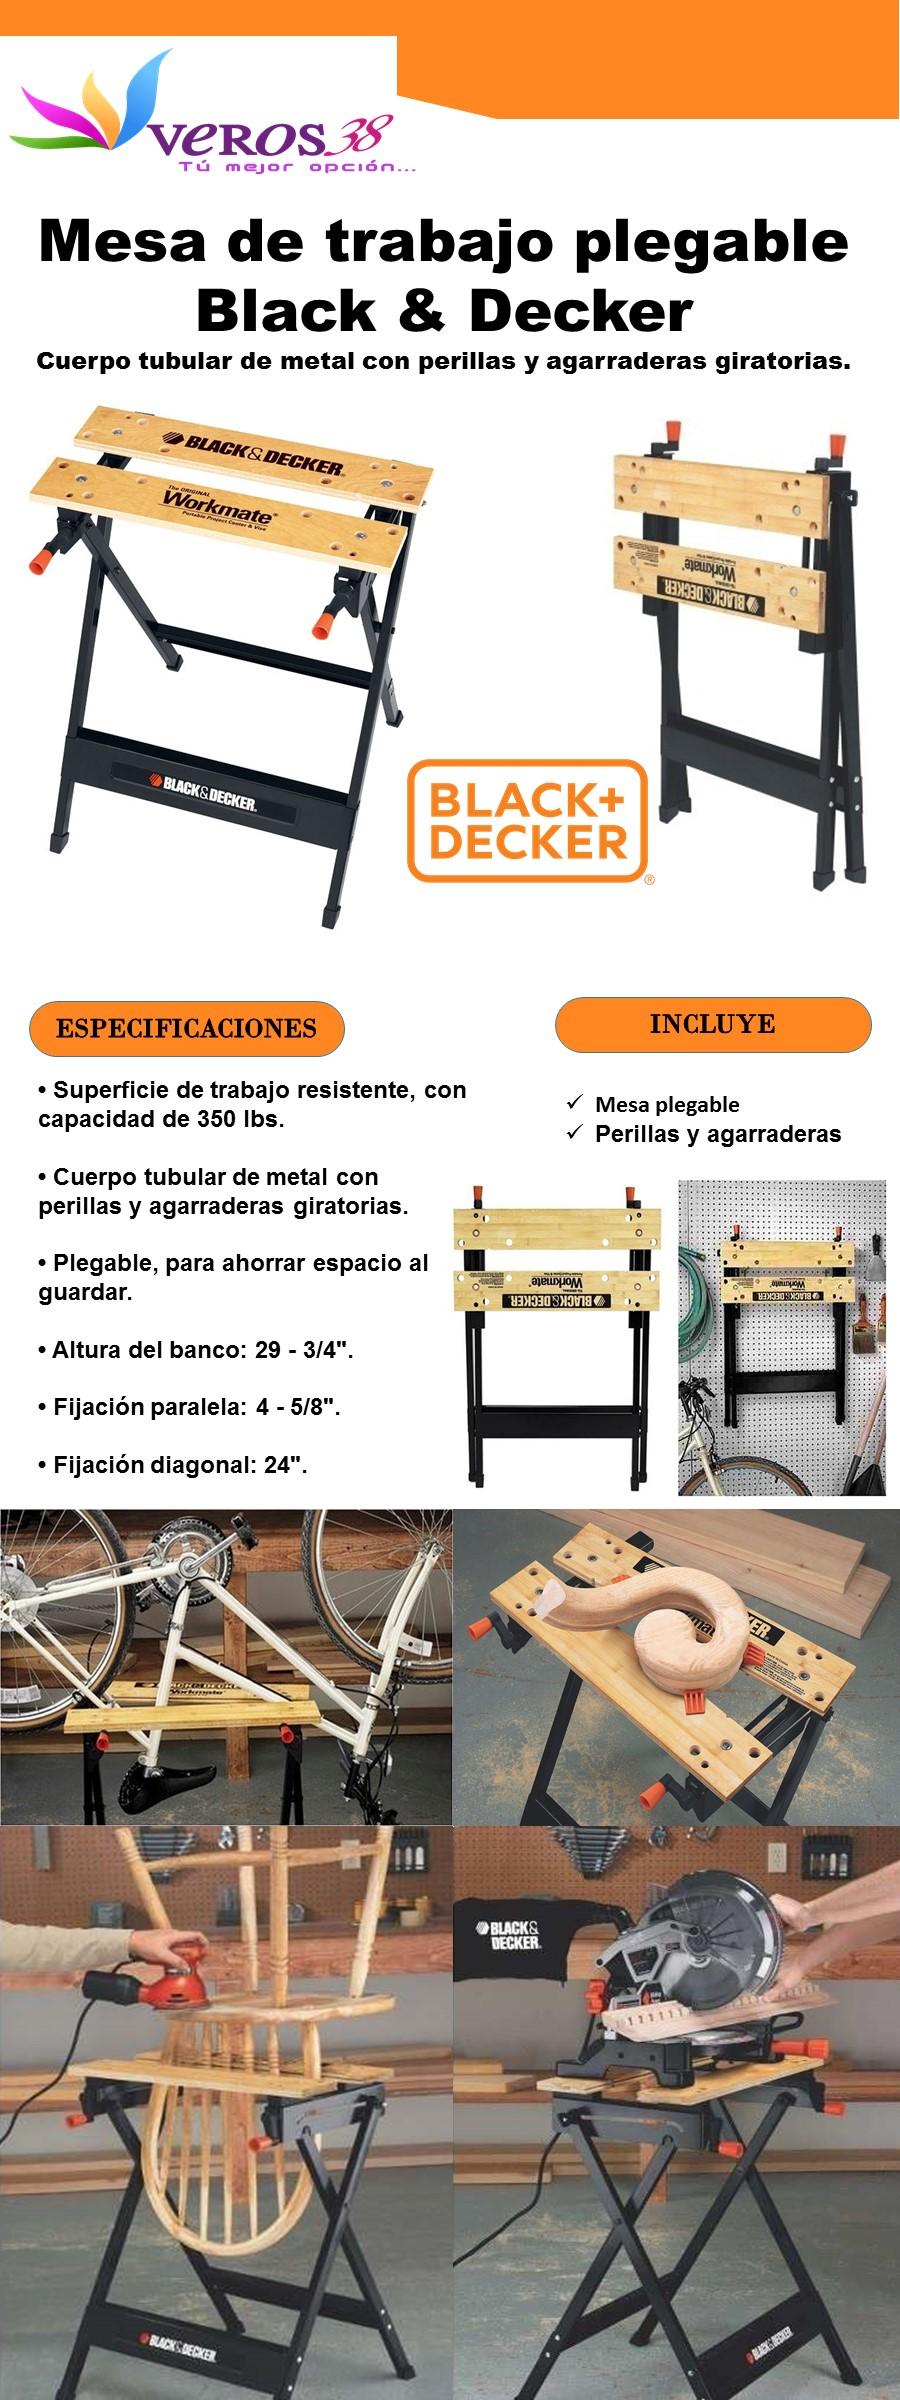 Mesa de trabajo port til y plegable black decker wm125 for Mesa de trabajo jardineria